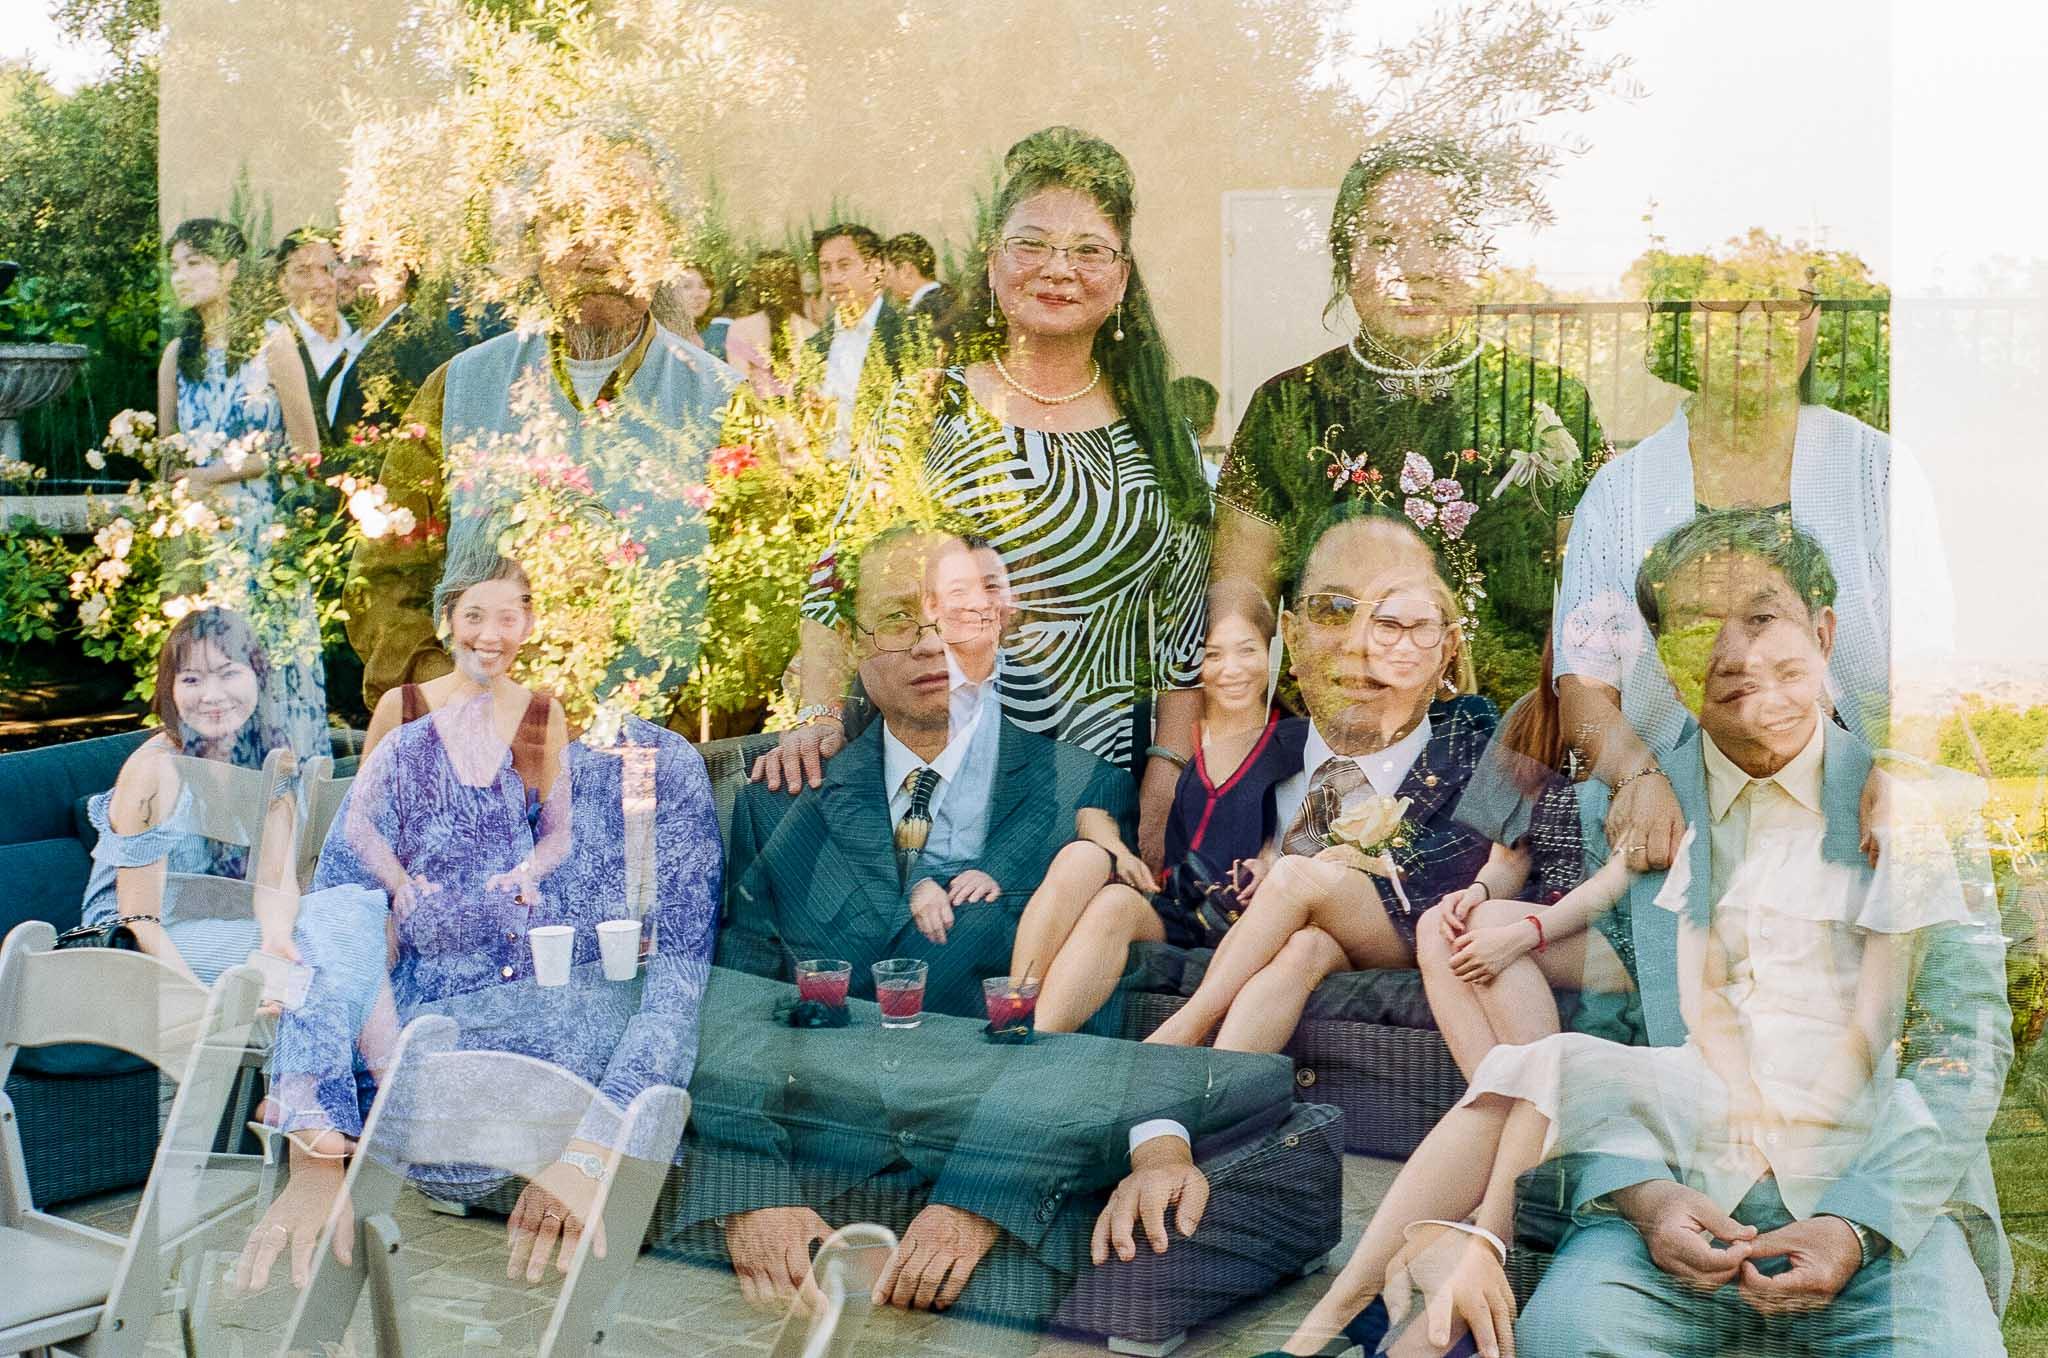 Wedding-Guest-Double-Exposure.jpg